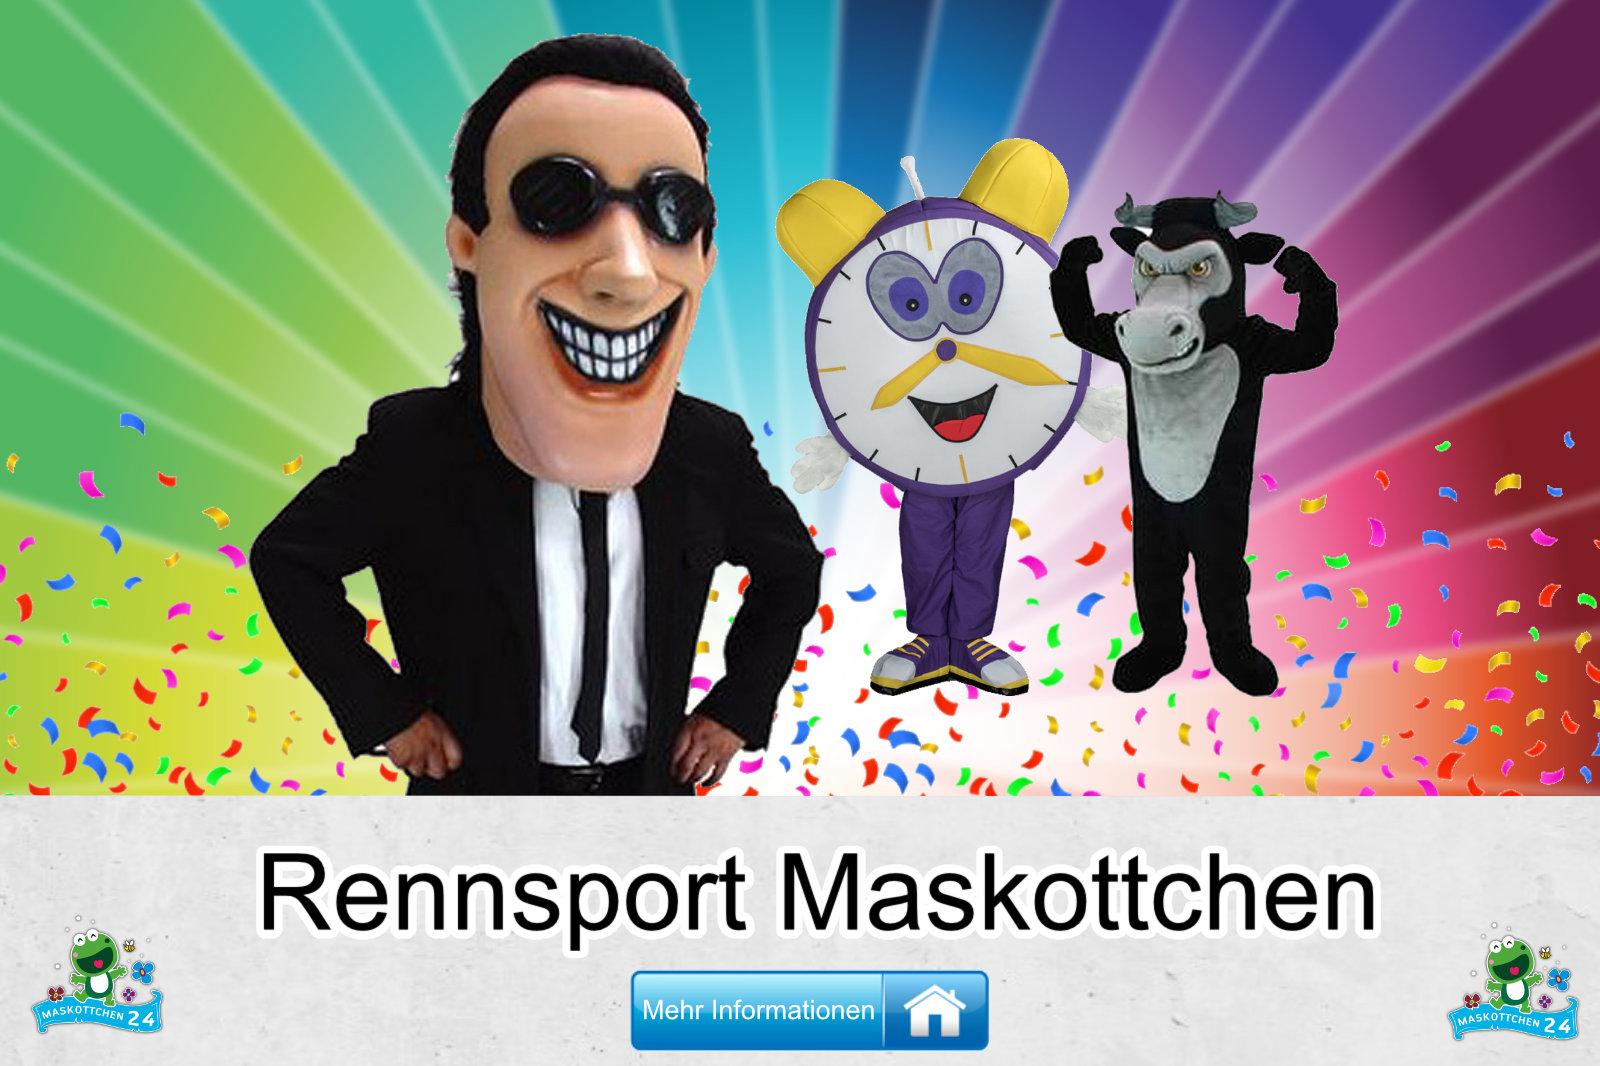 Kostüm Maskottchen Günstig Kaufen Rennsport